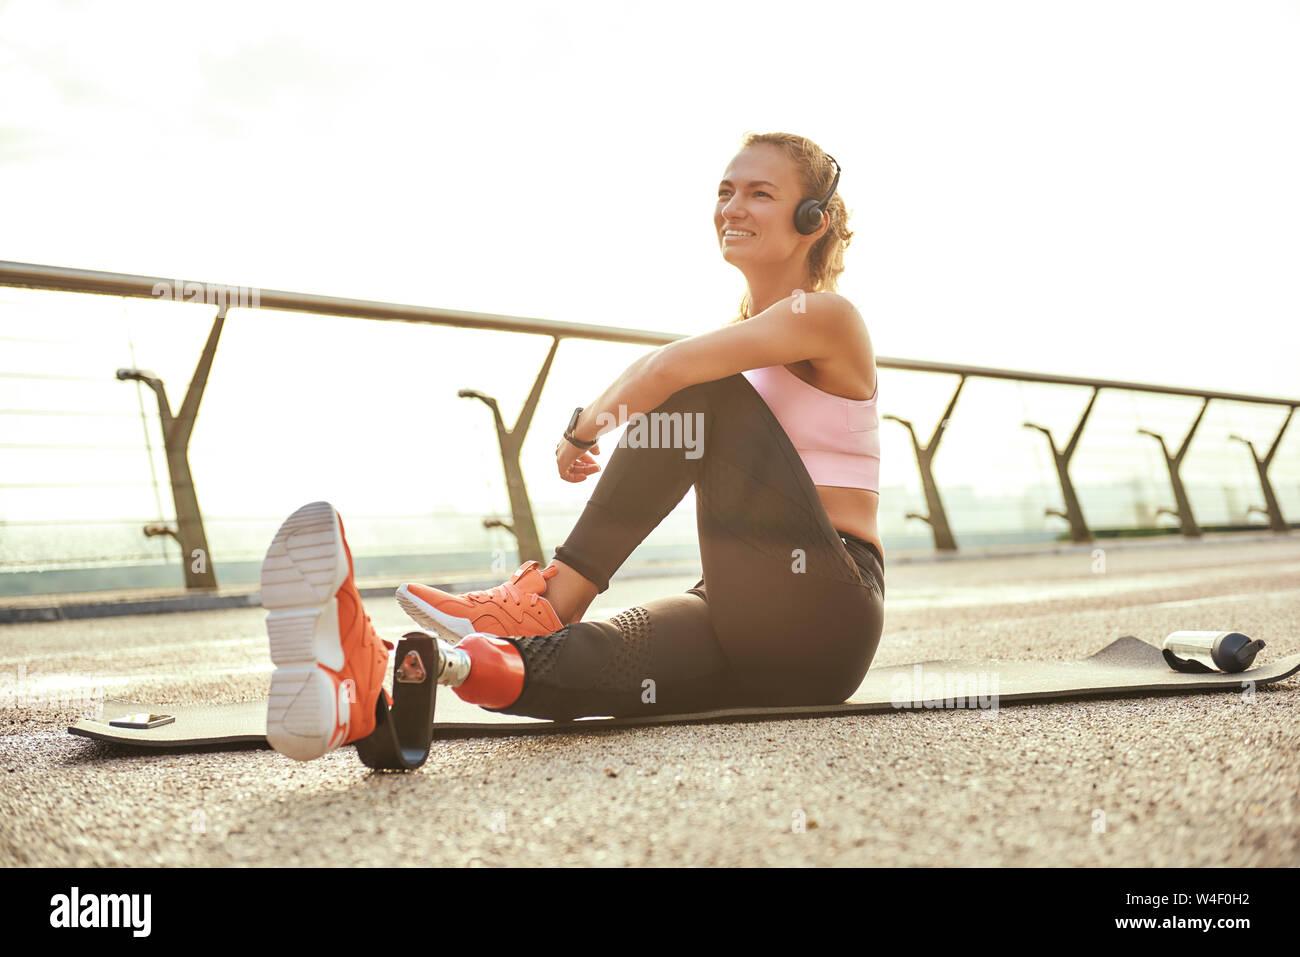 Feliz por la mañana. Atletas discapacitados positiva mujer con pierna prostética en auriculares haciendo ejercicios de yoga y sonriendo mientras estaba sentado en el puente. Deshabilitado el deporte concepto. La motivación. Estilo de vida saludable Foto de stock